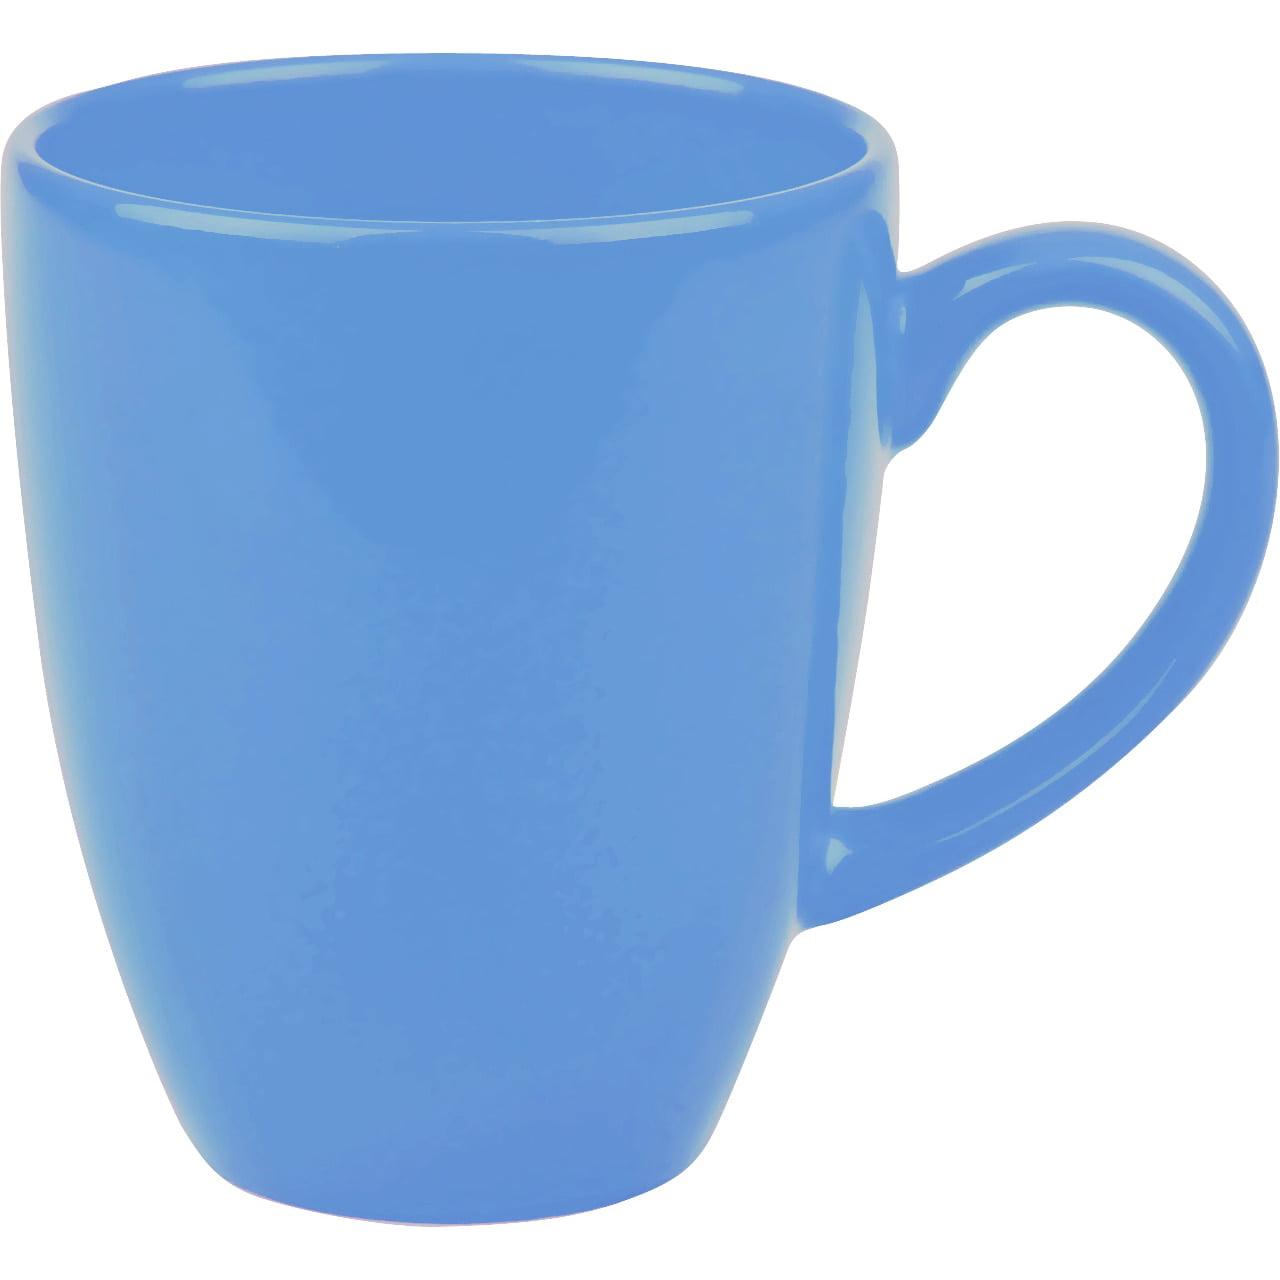 Waechtersbach  Fun Factory Blue Bell Jumbo Cafelatte Cups (Set of 4)